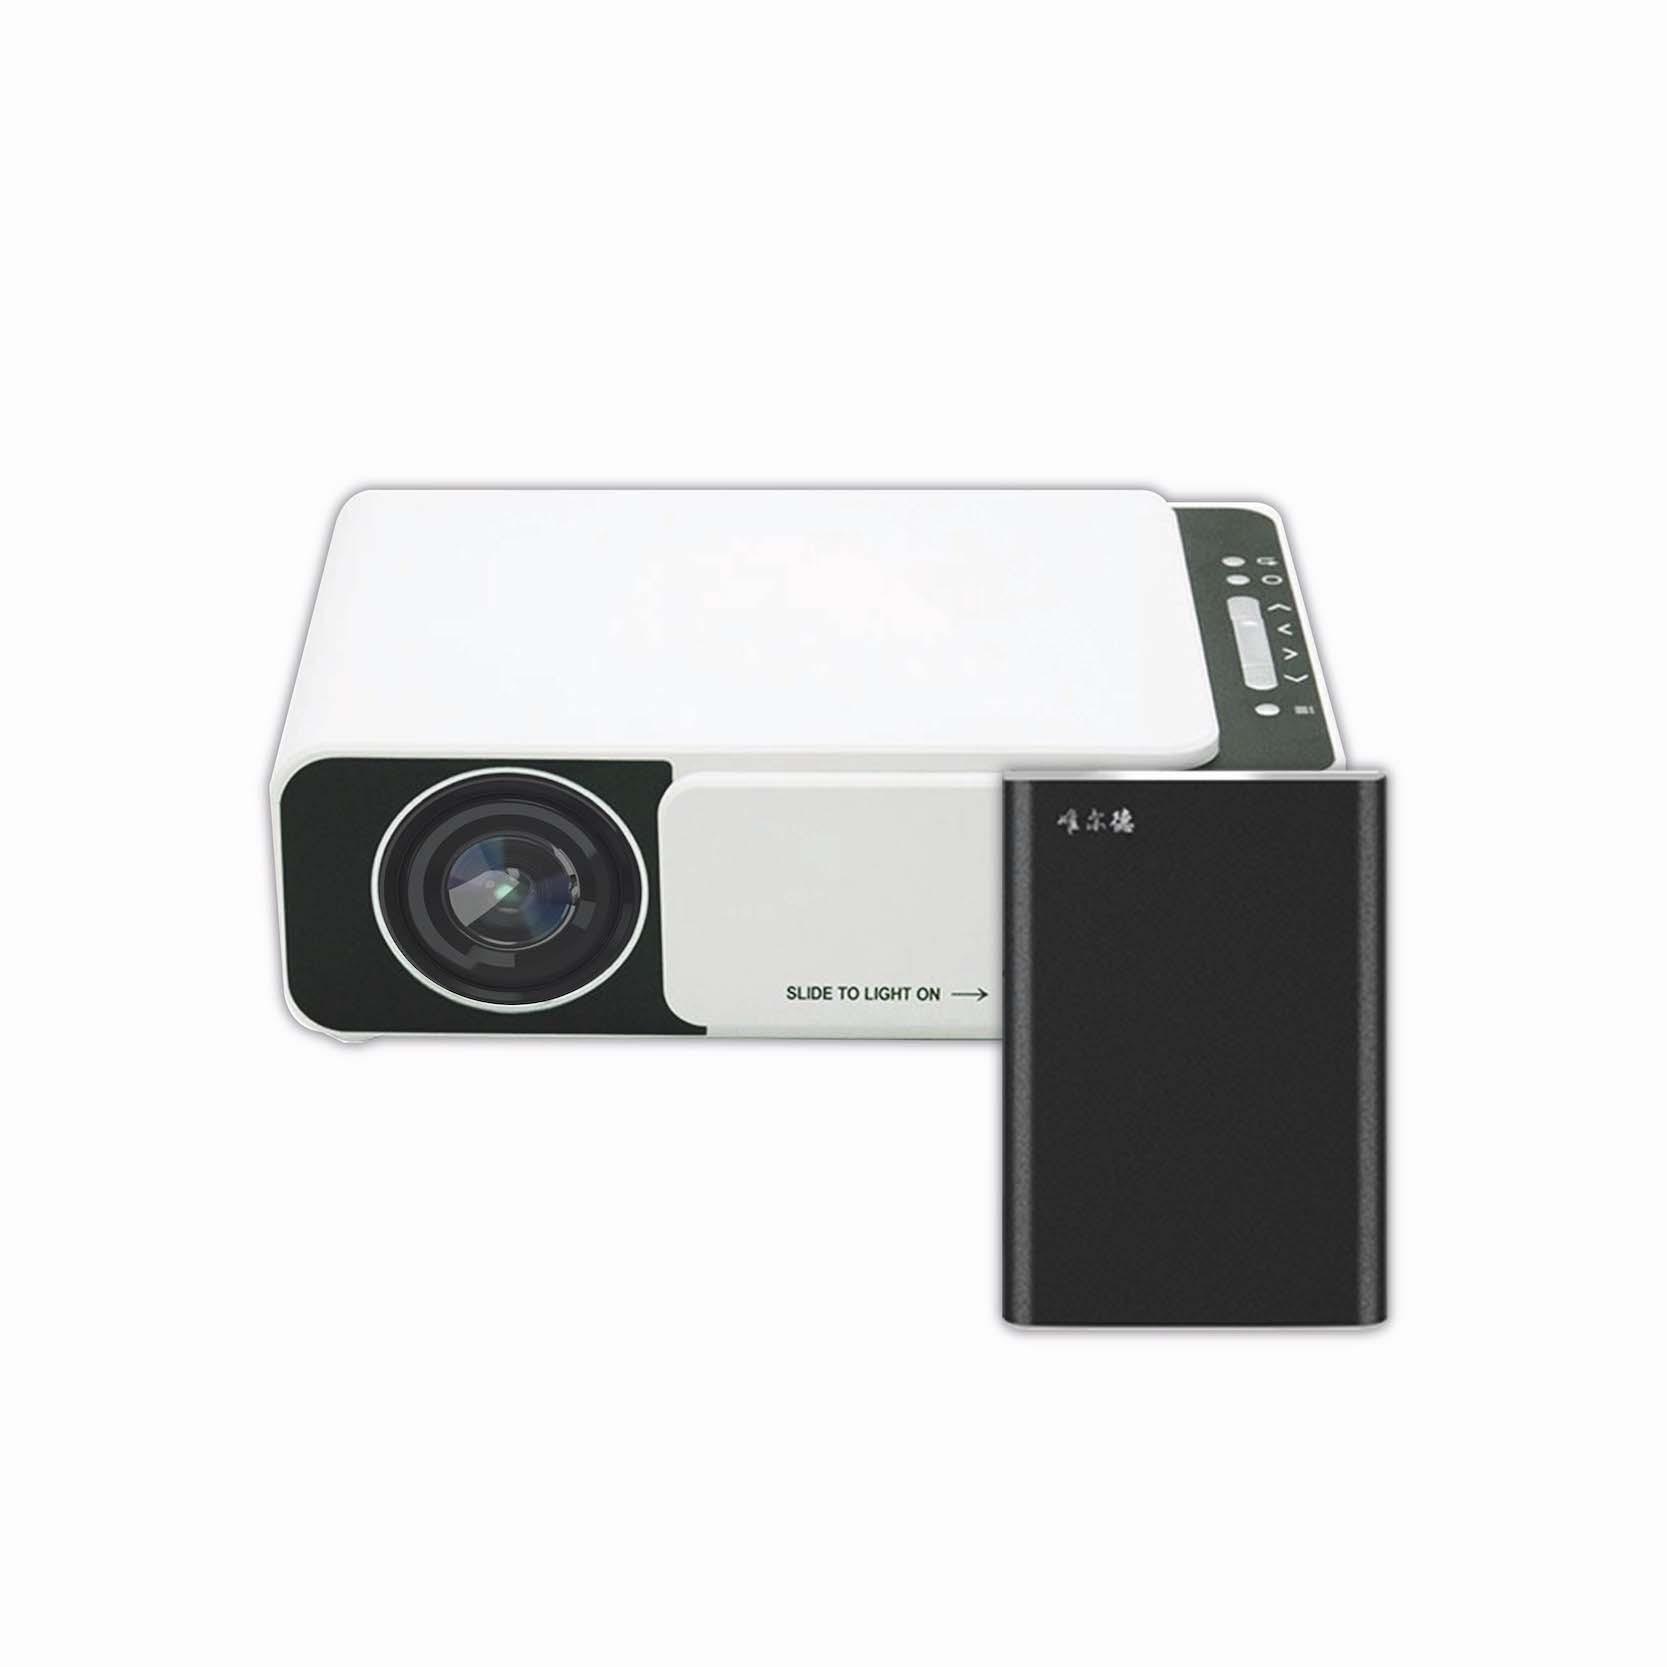 TechX Pro X HD Projector + Hard Drive 80GB